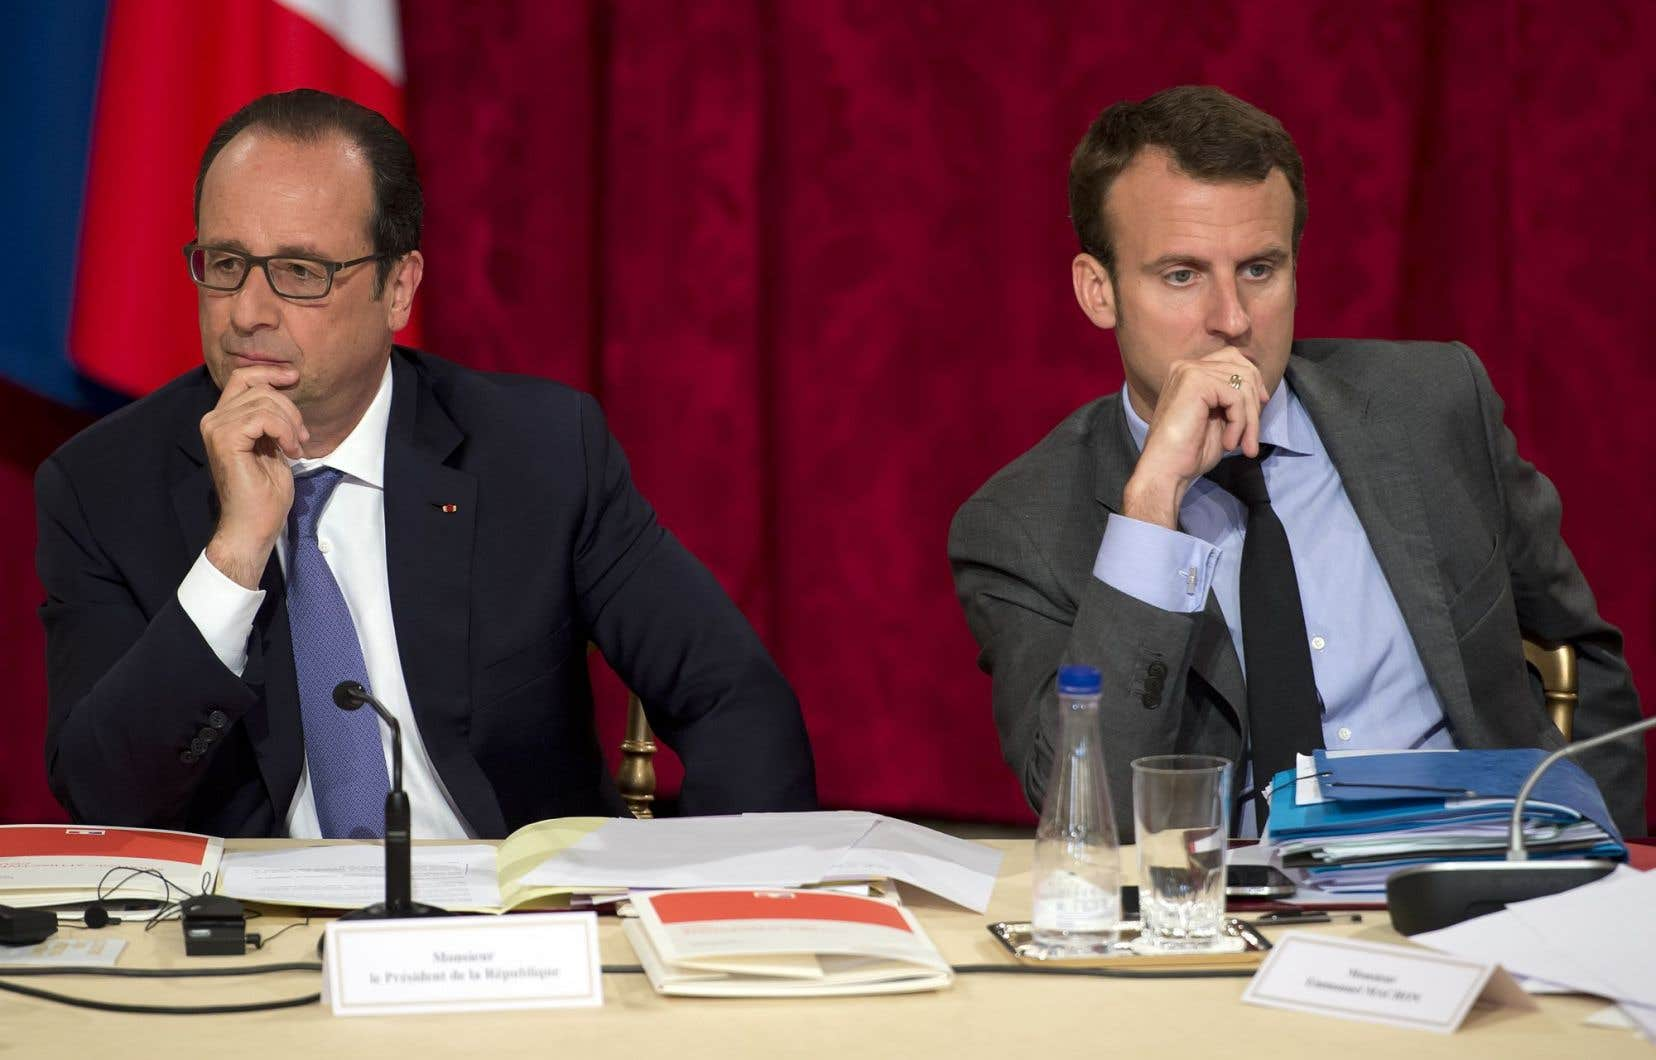 François Hollande et Emmanuel Macron, alors ministre de l'Économie, en juin 2016. François Hollande a appelé à voter Macron au deuxième tour.